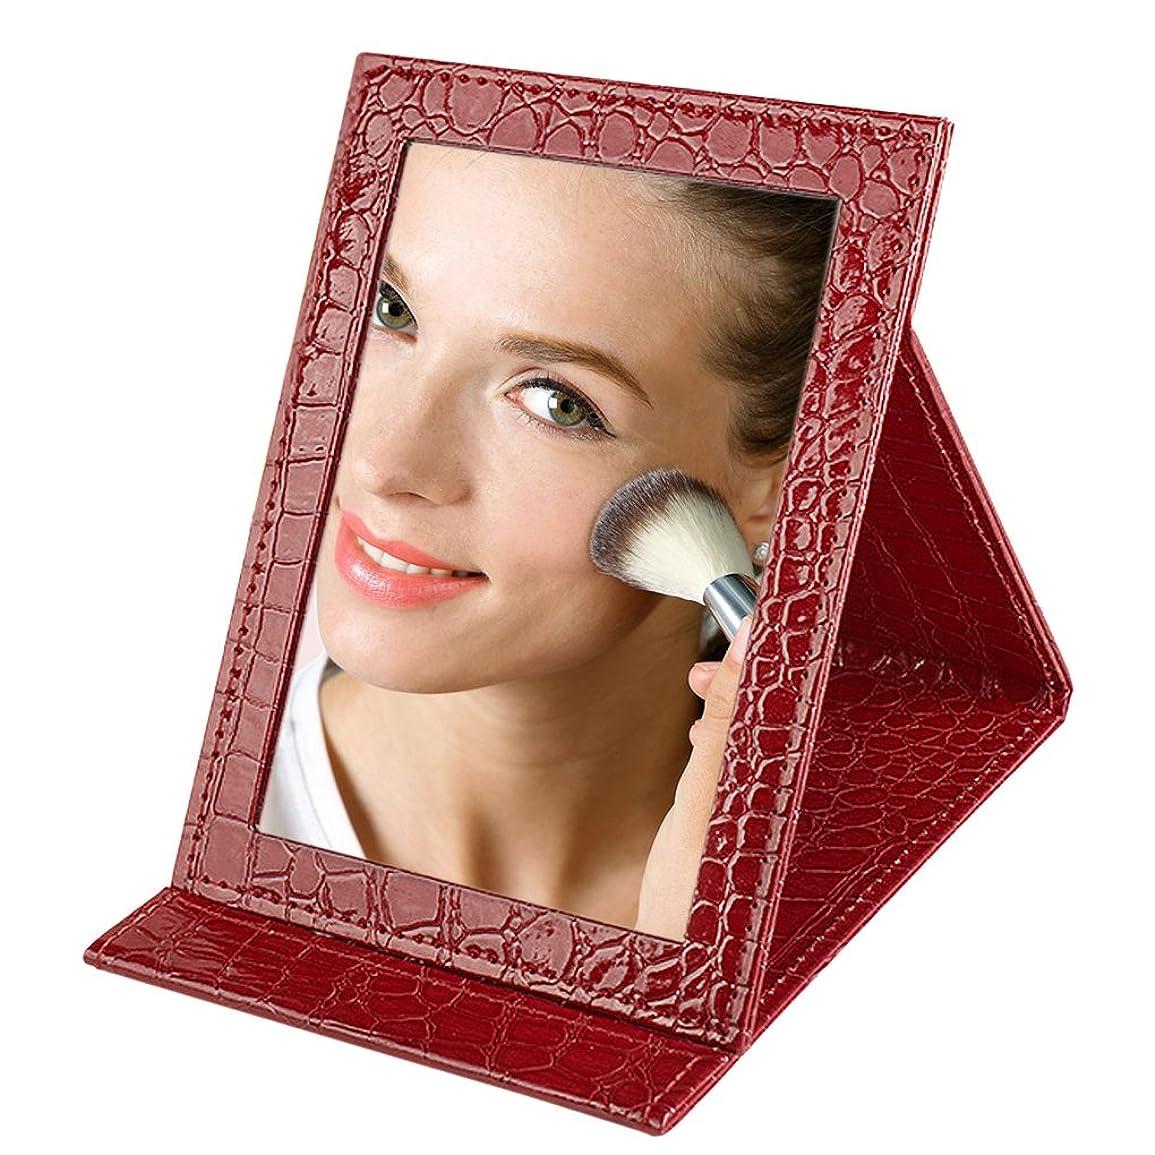 ソース床細断化粧鏡 卓上 折立ミラー かわいい スタンドミラー 角度調節可能 メイク鏡 ミラー 折り畳み可能 携帯に便利 合成革製 おしゃれ メイク用 ミラー レッド